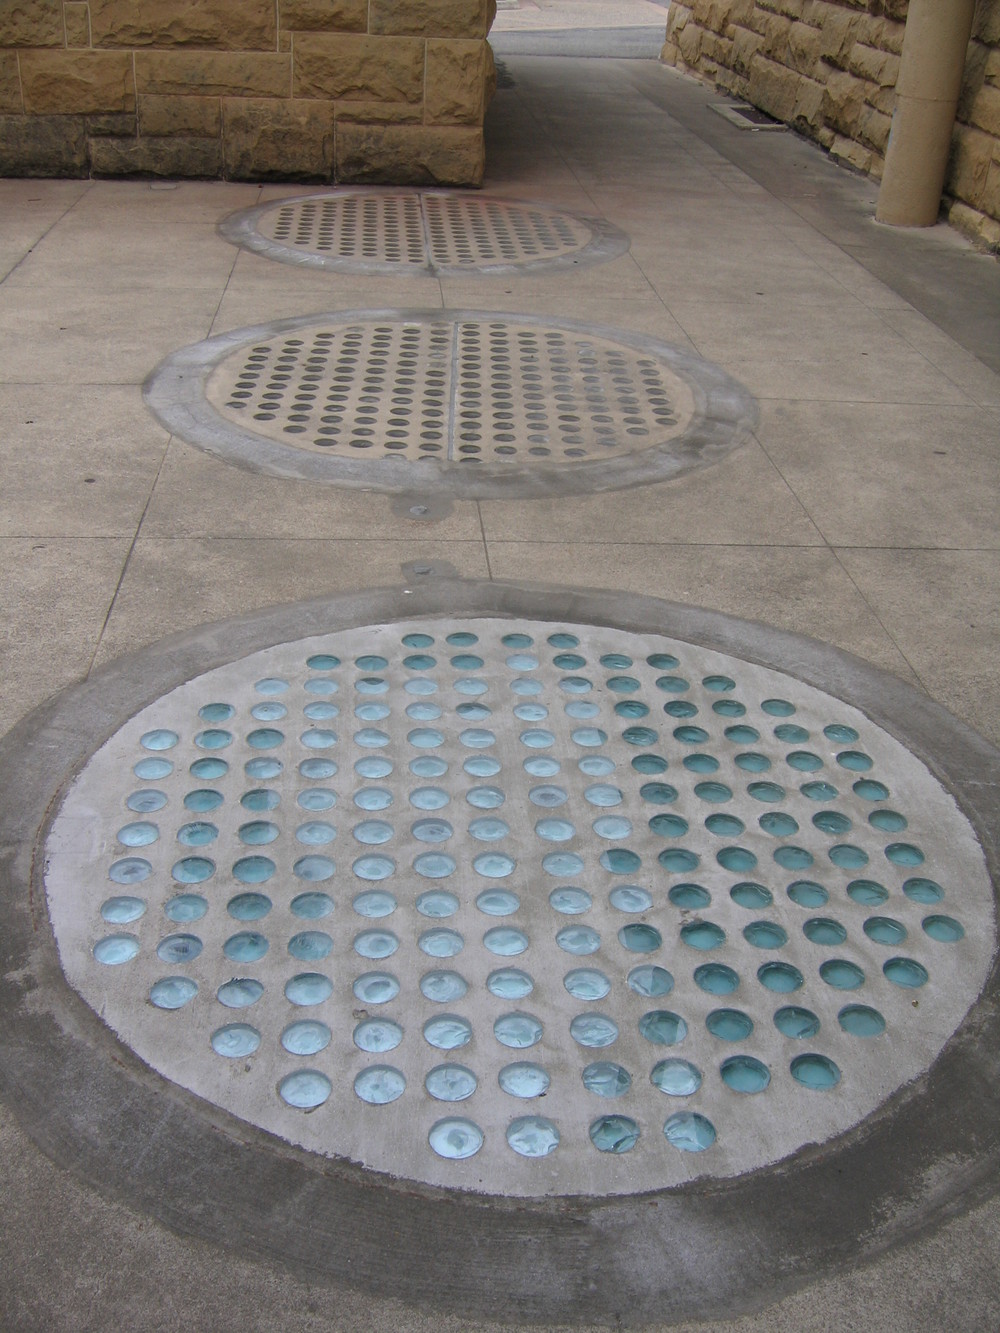 Previous sidewalk light repairs